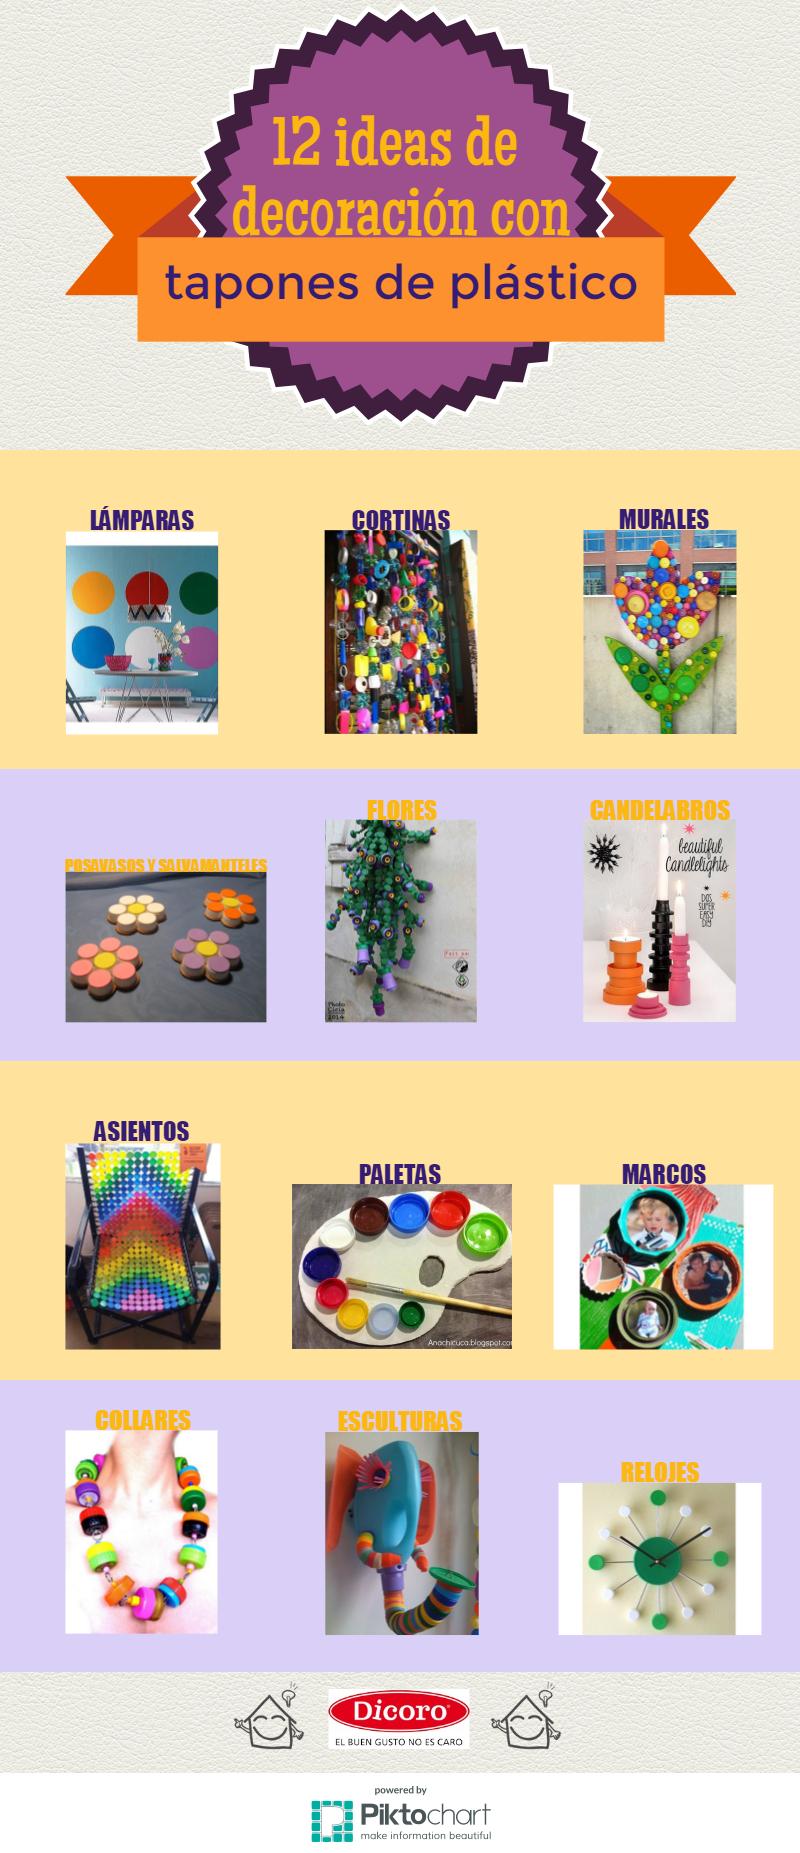 decoración con tapones de plástico